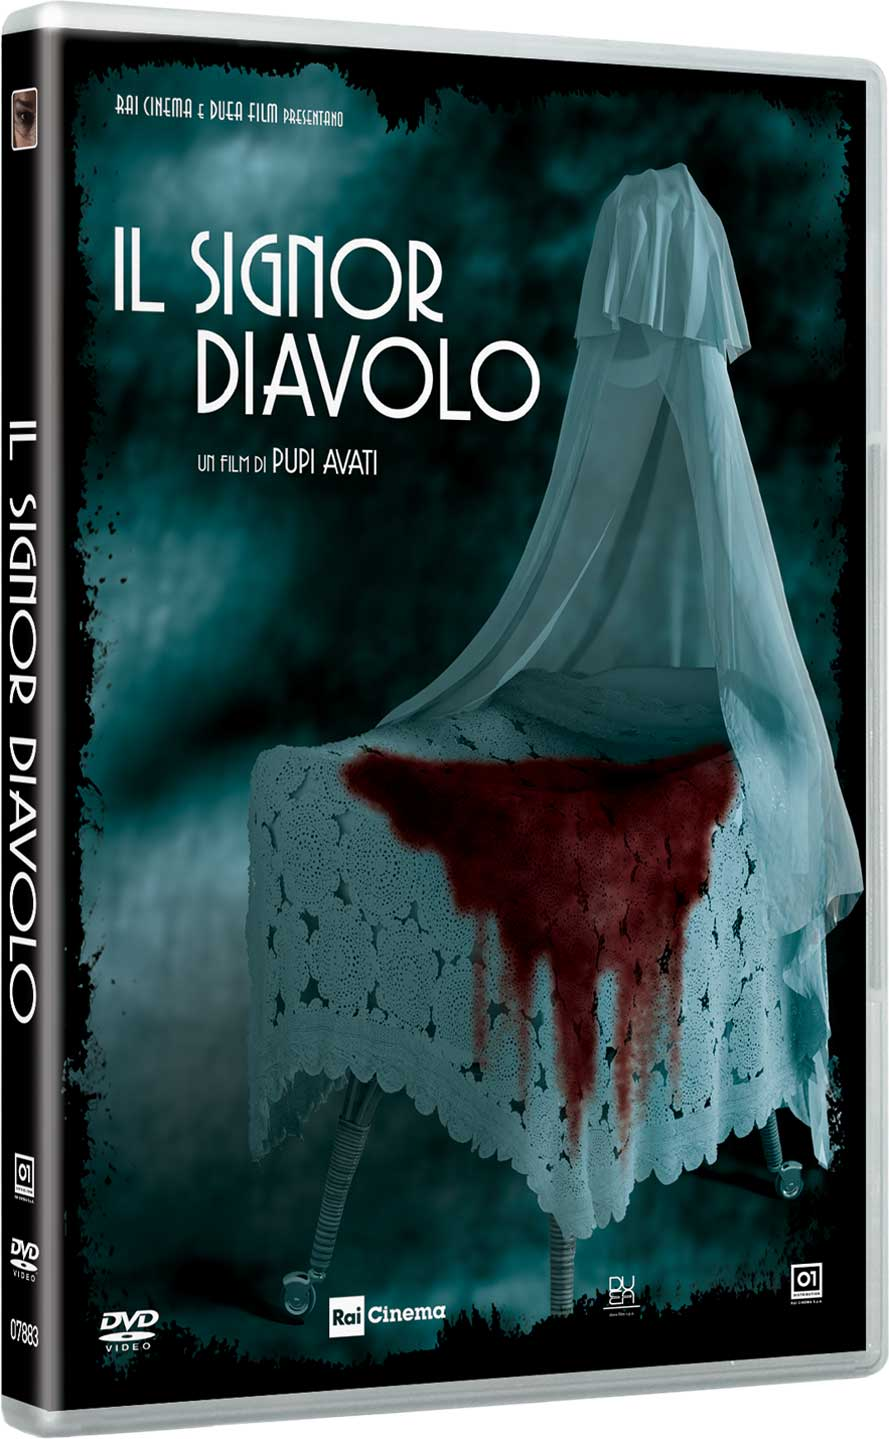 IL SIGNOR DIAVOLO (DVD)